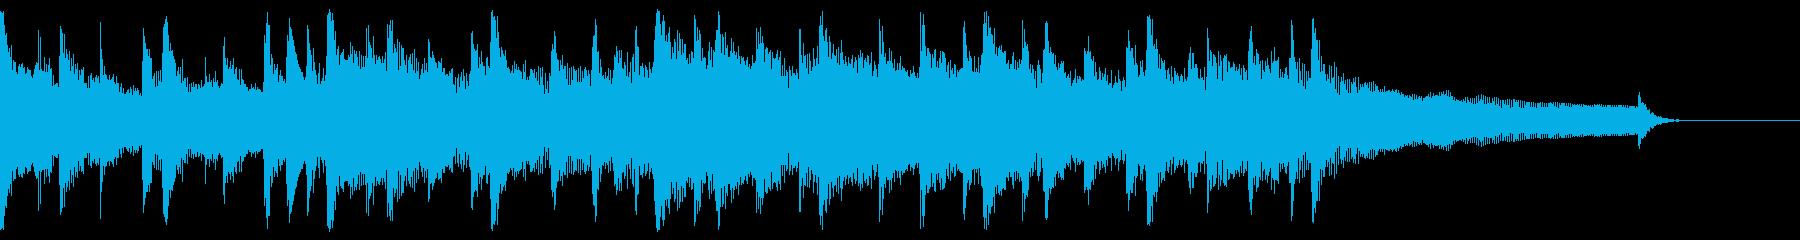 透明感のあるポップで明るいジングル曲の再生済みの波形